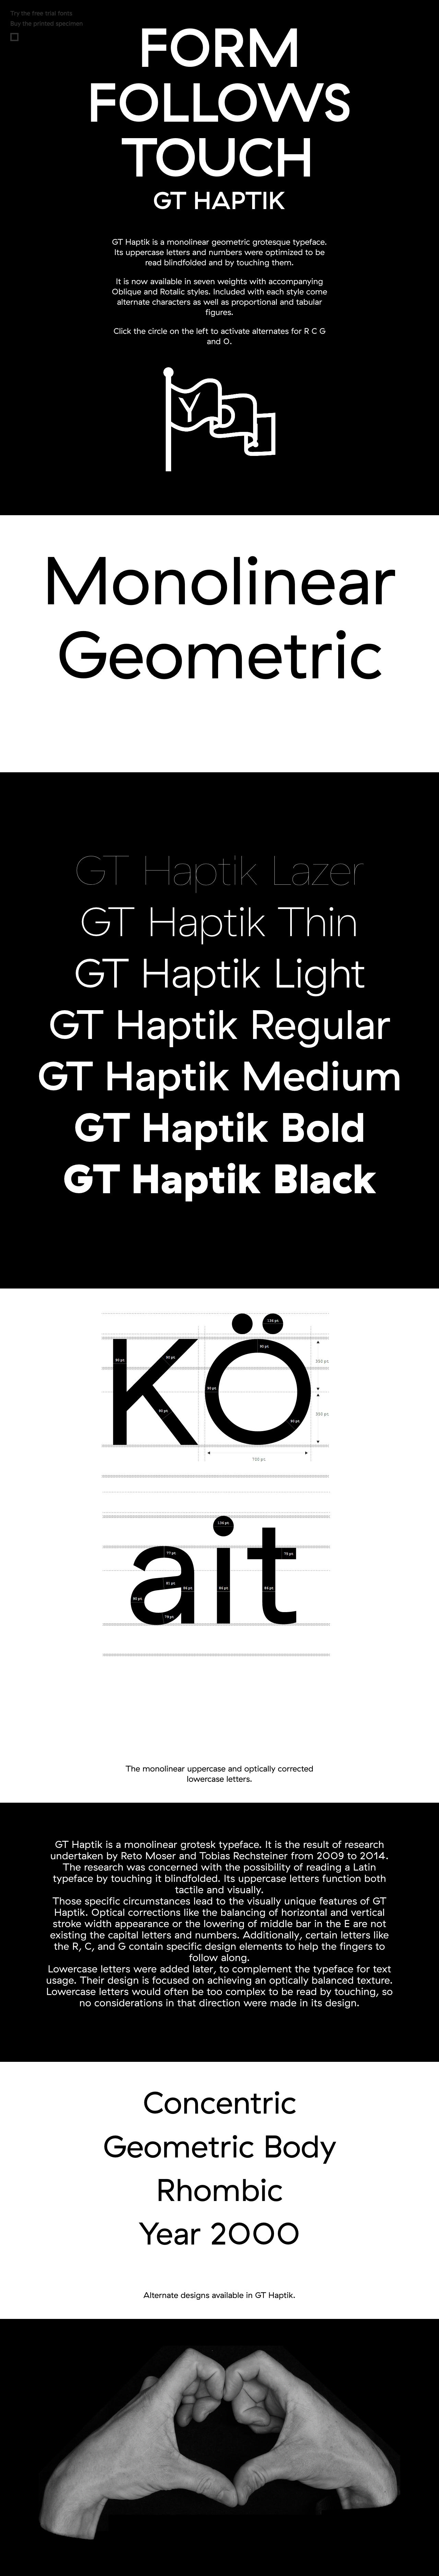 GT Haptik Typeface Website Screenshot